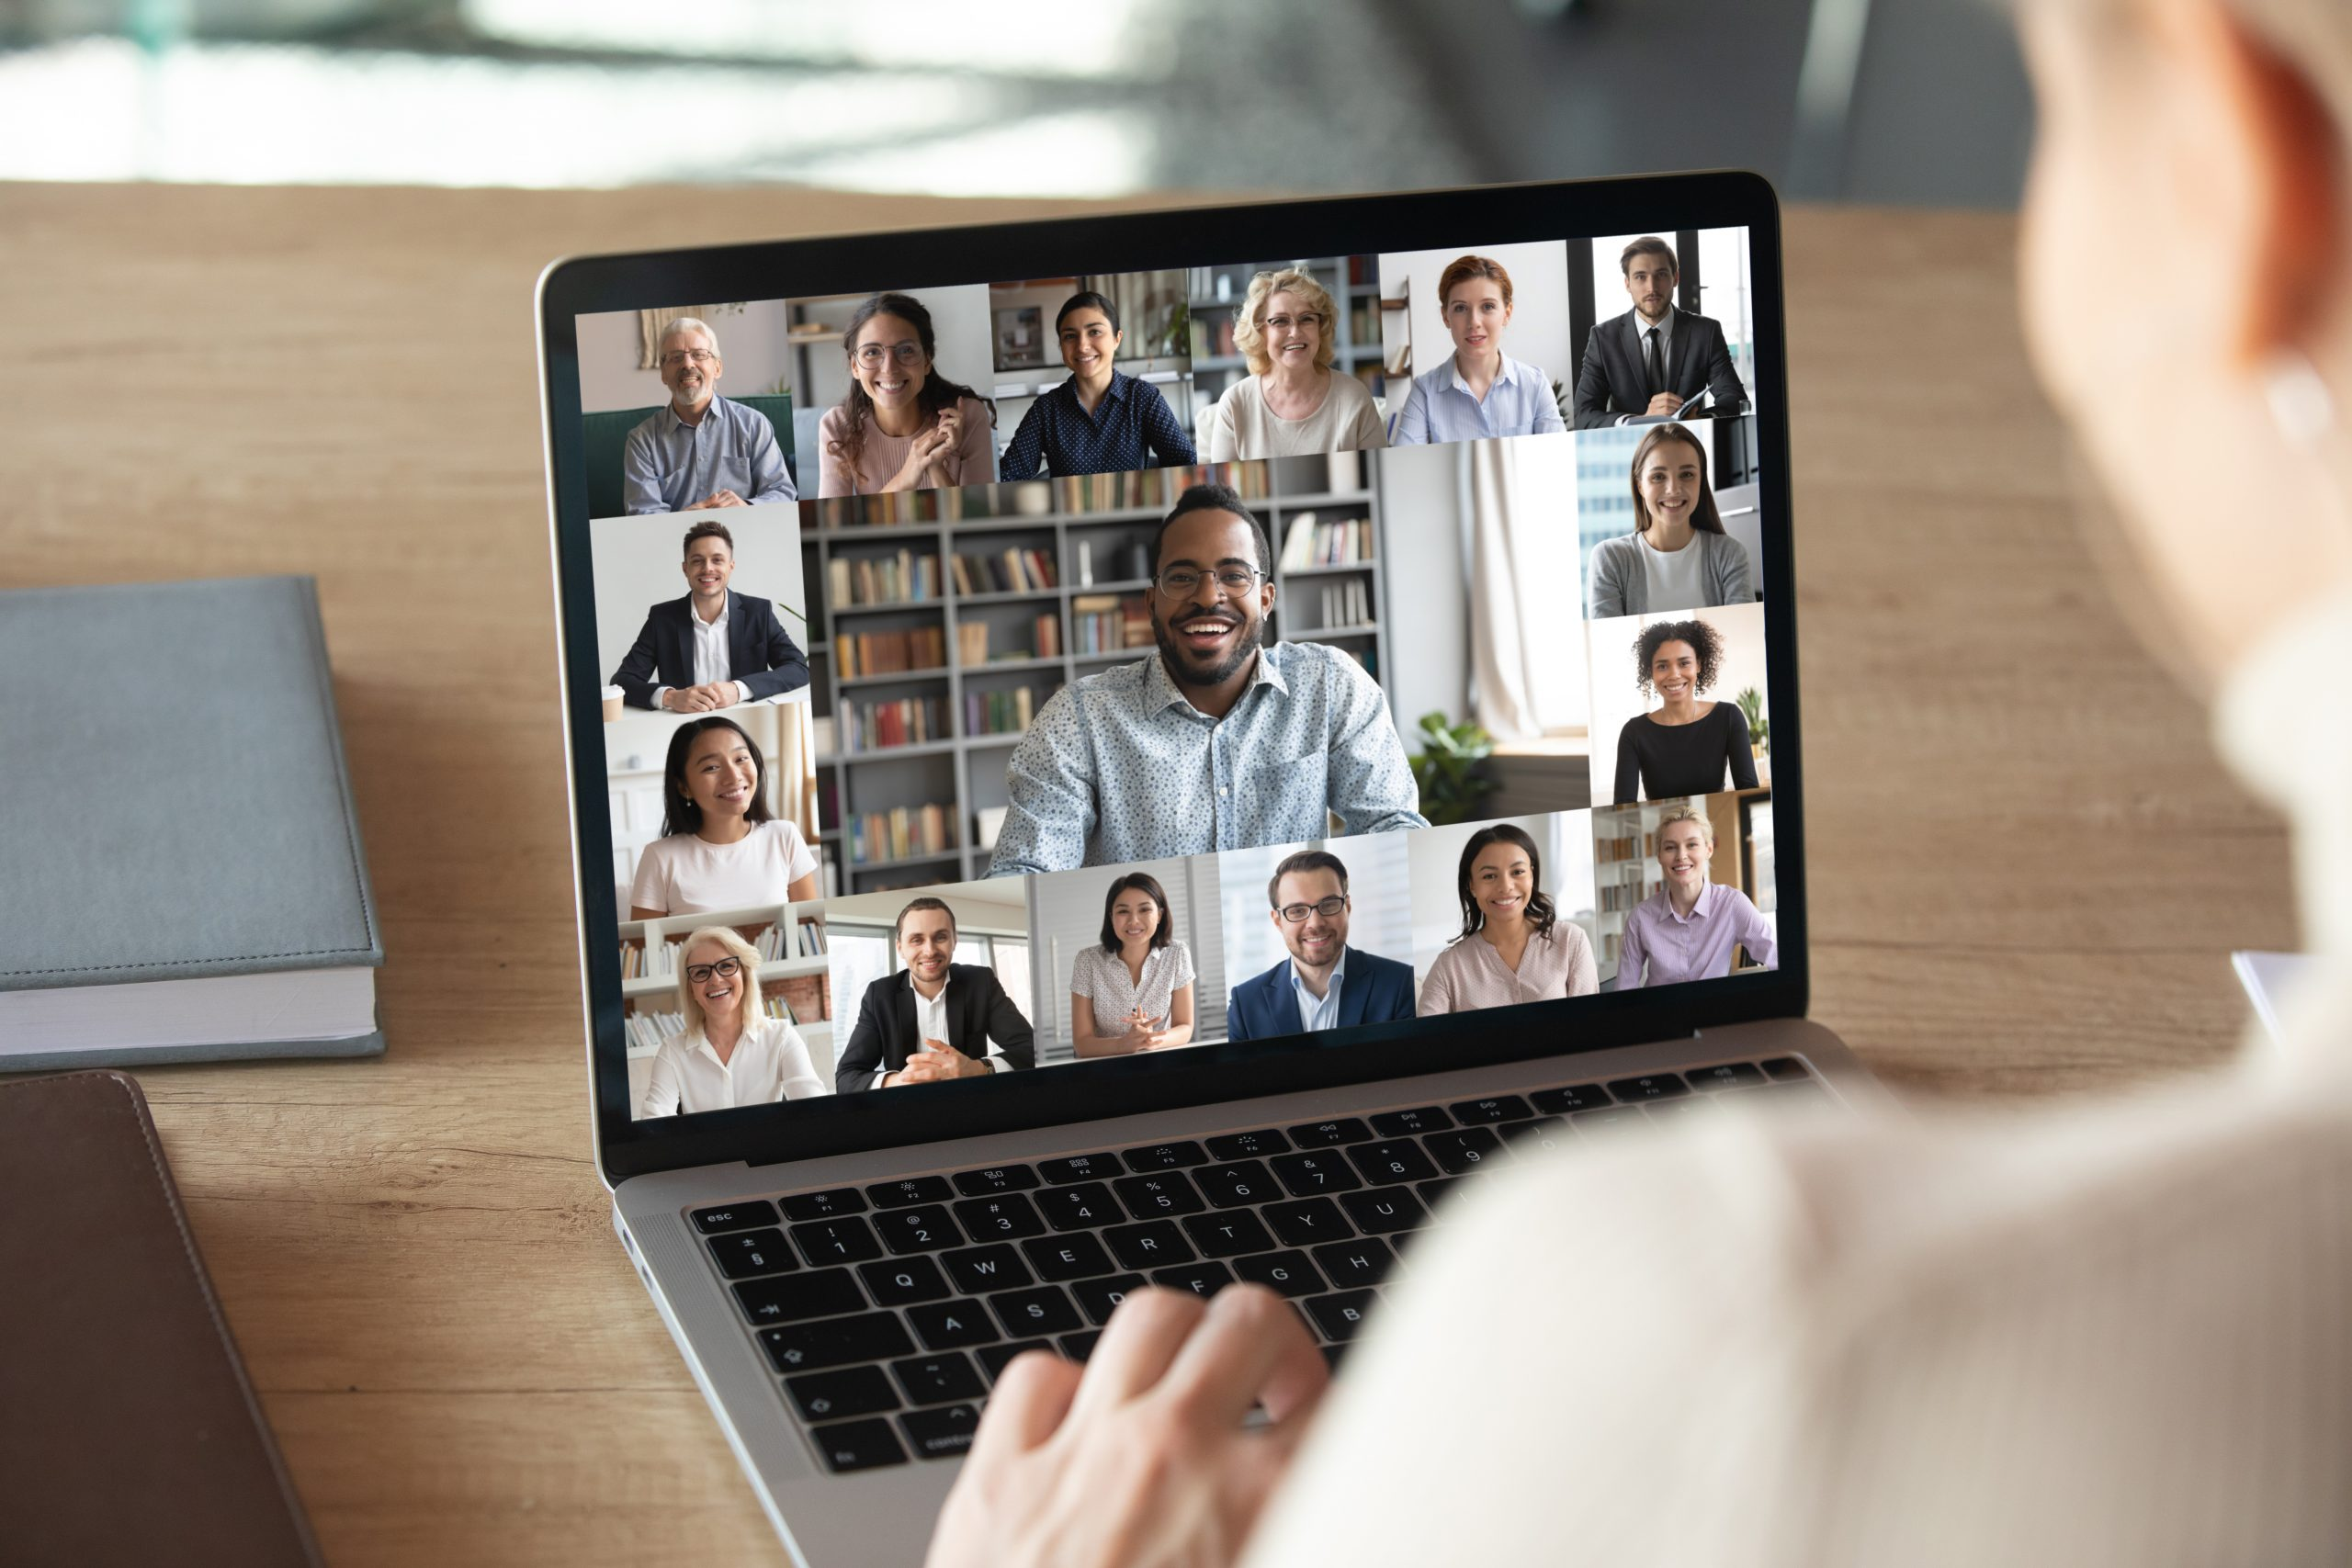 Beratung in der Videokoferenz